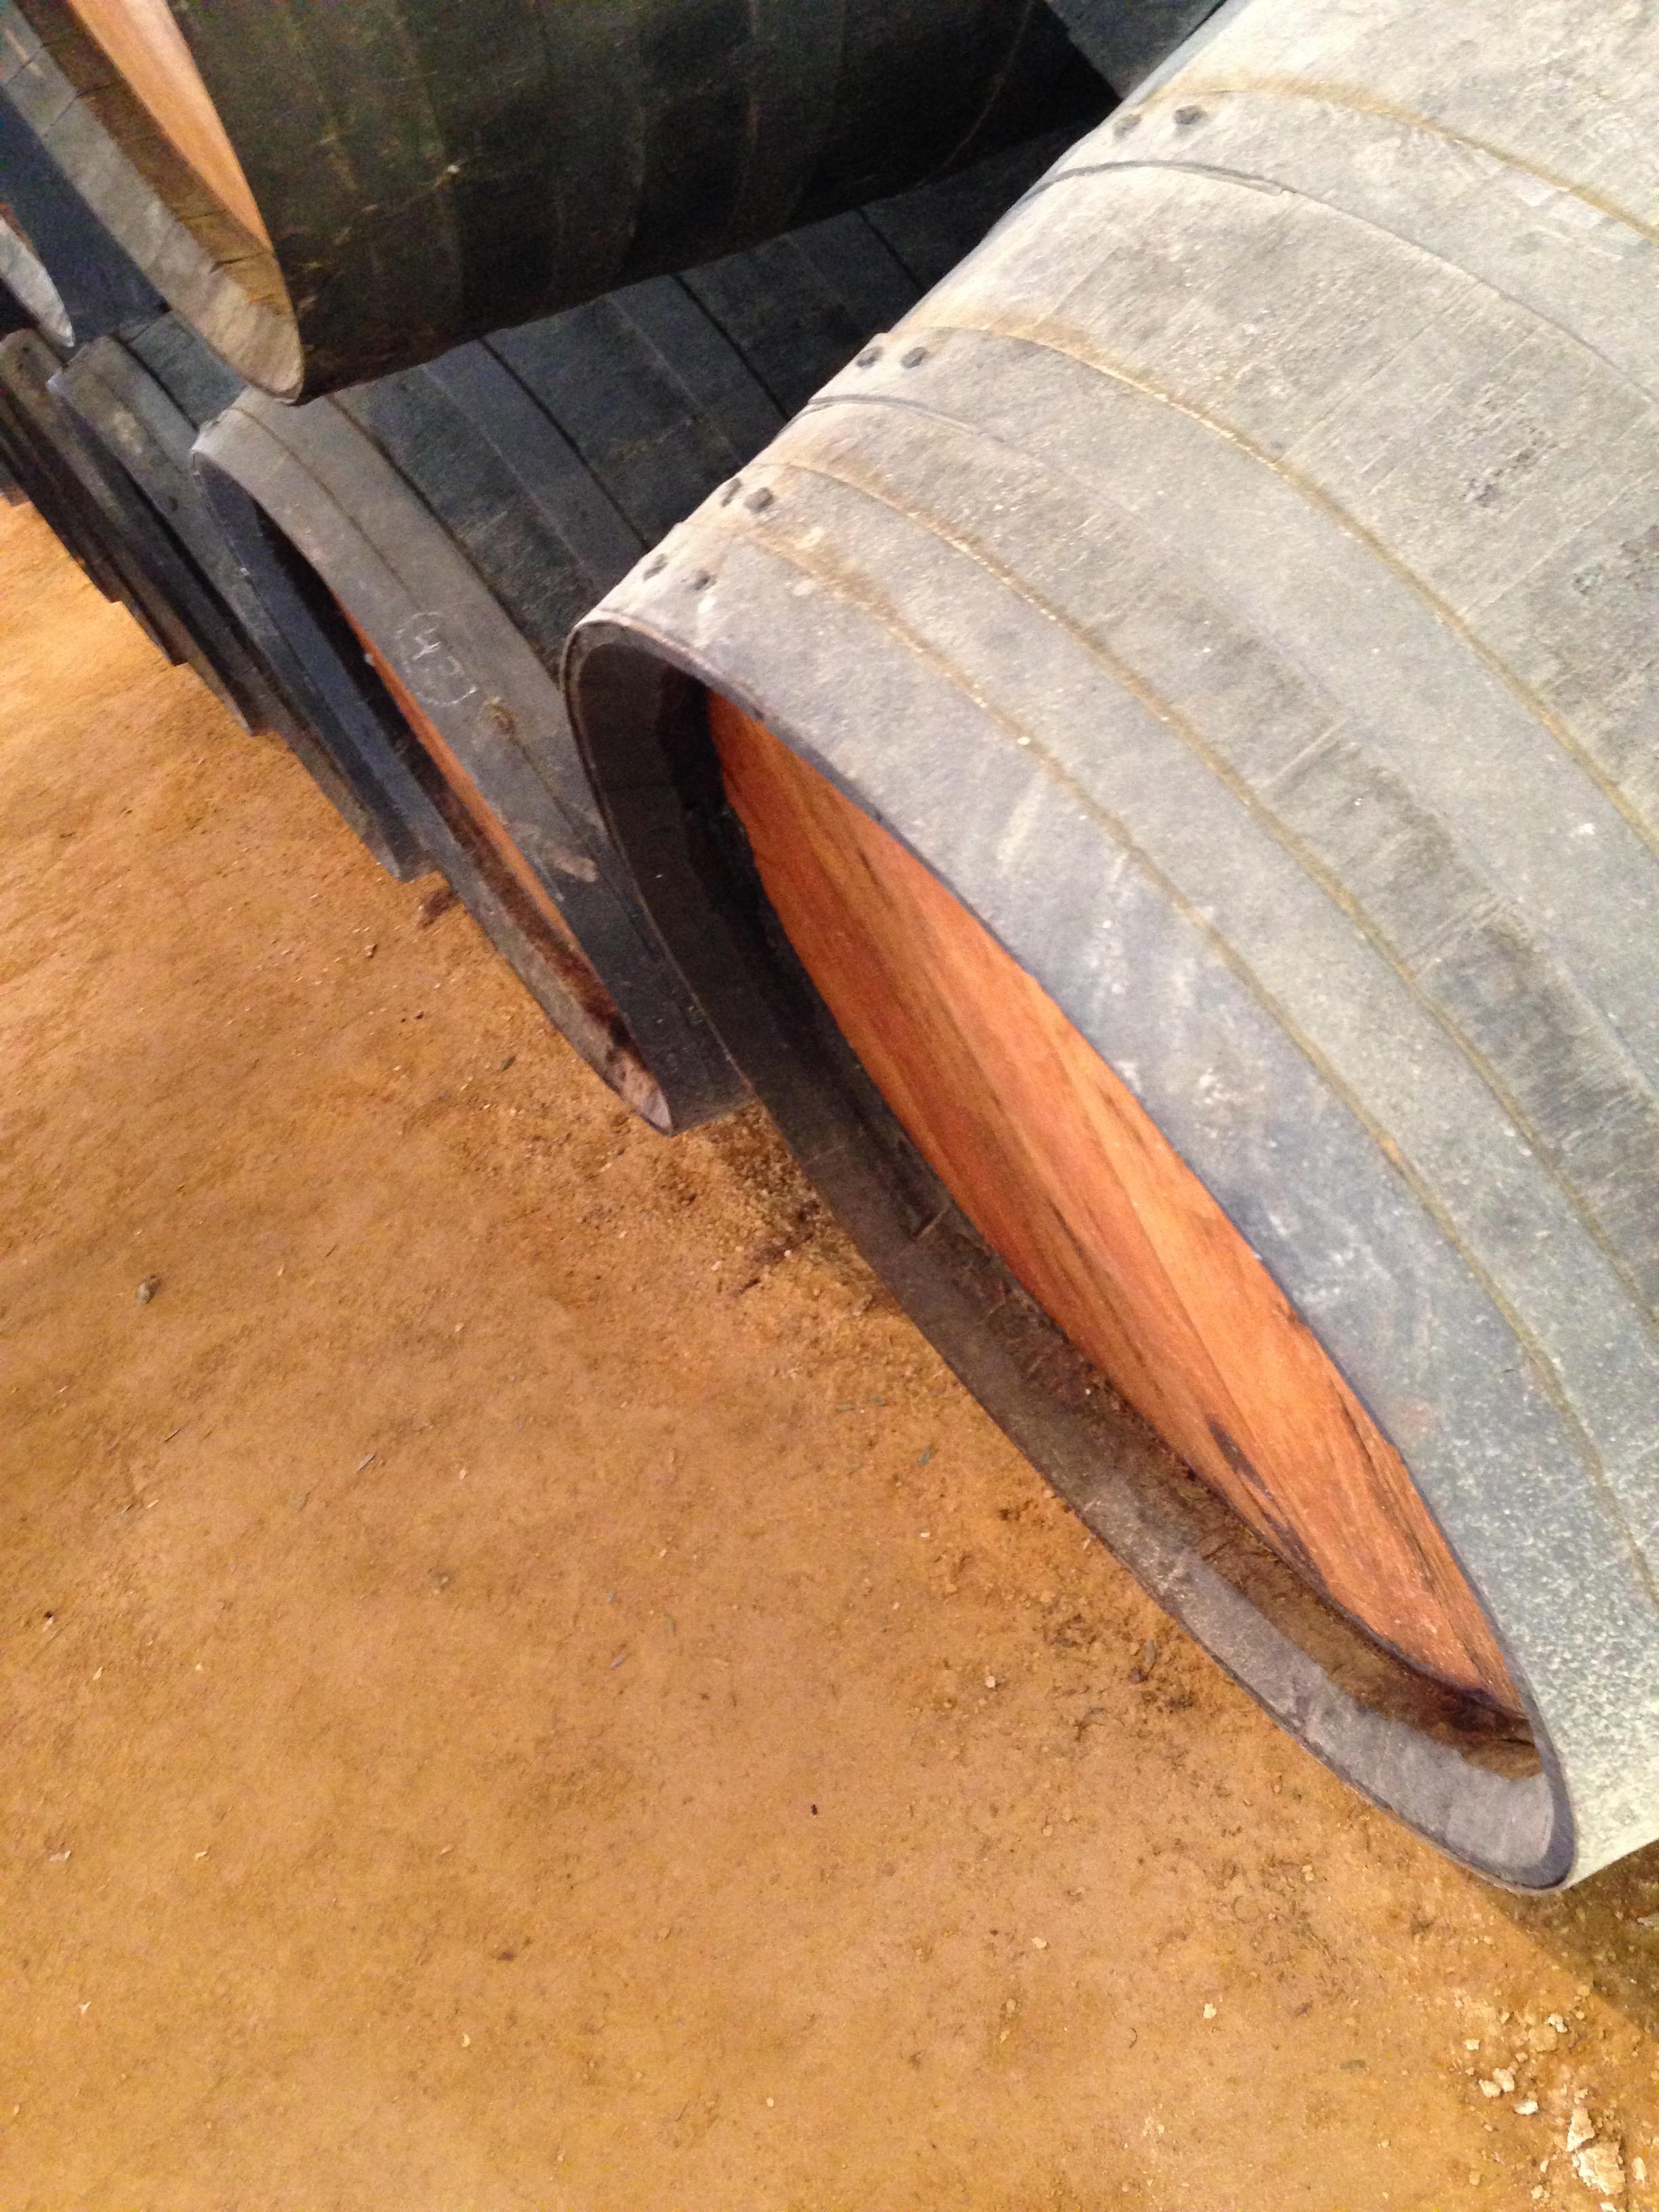 albero and barrels.jpg